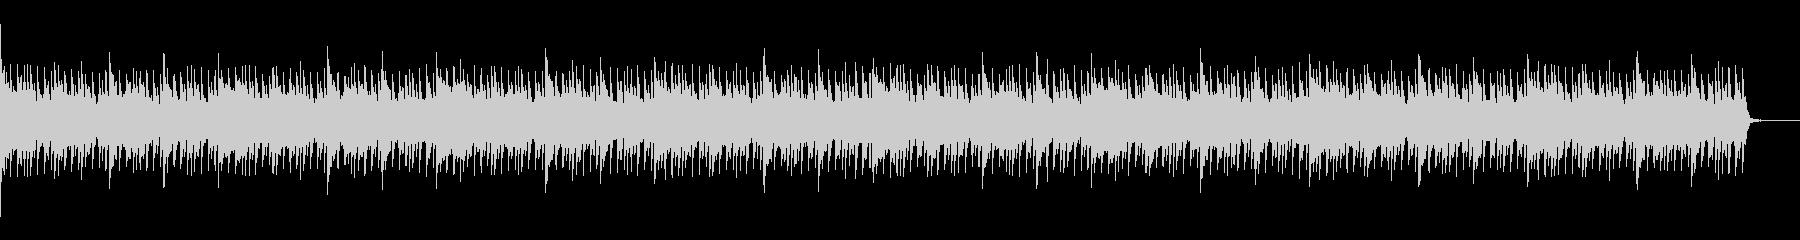 映画/映像音楽/暗くダークなBGMの未再生の波形